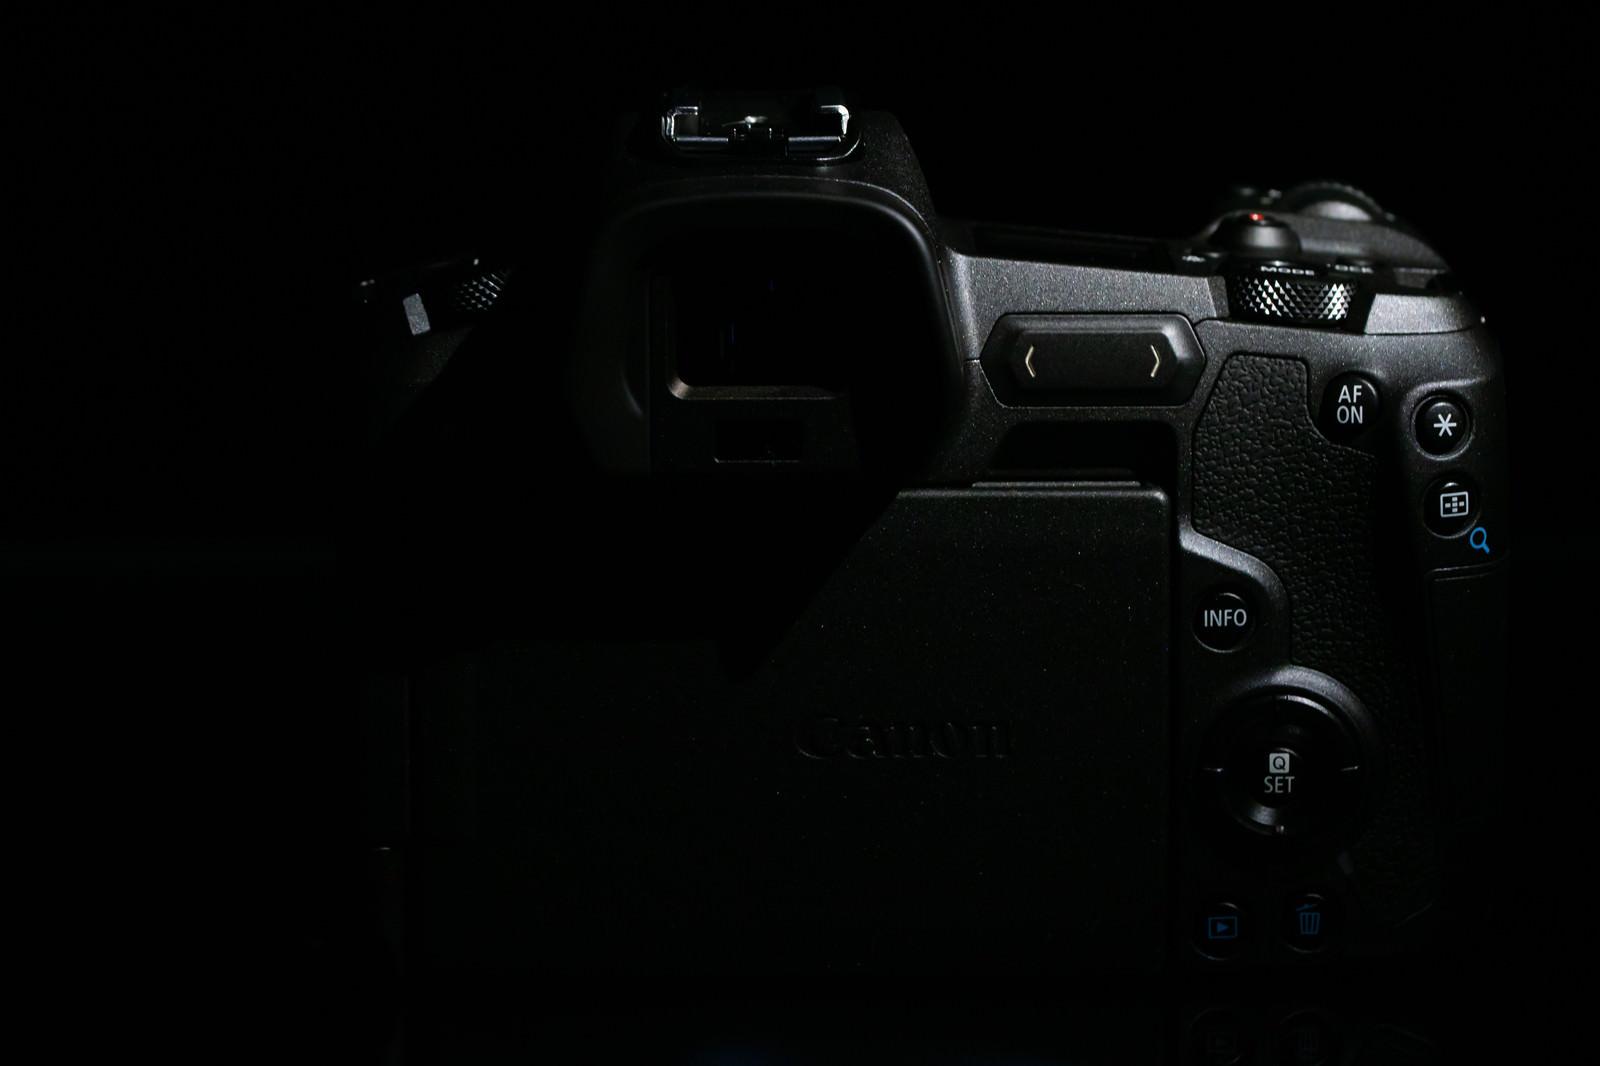 「EOS R の背面」の写真